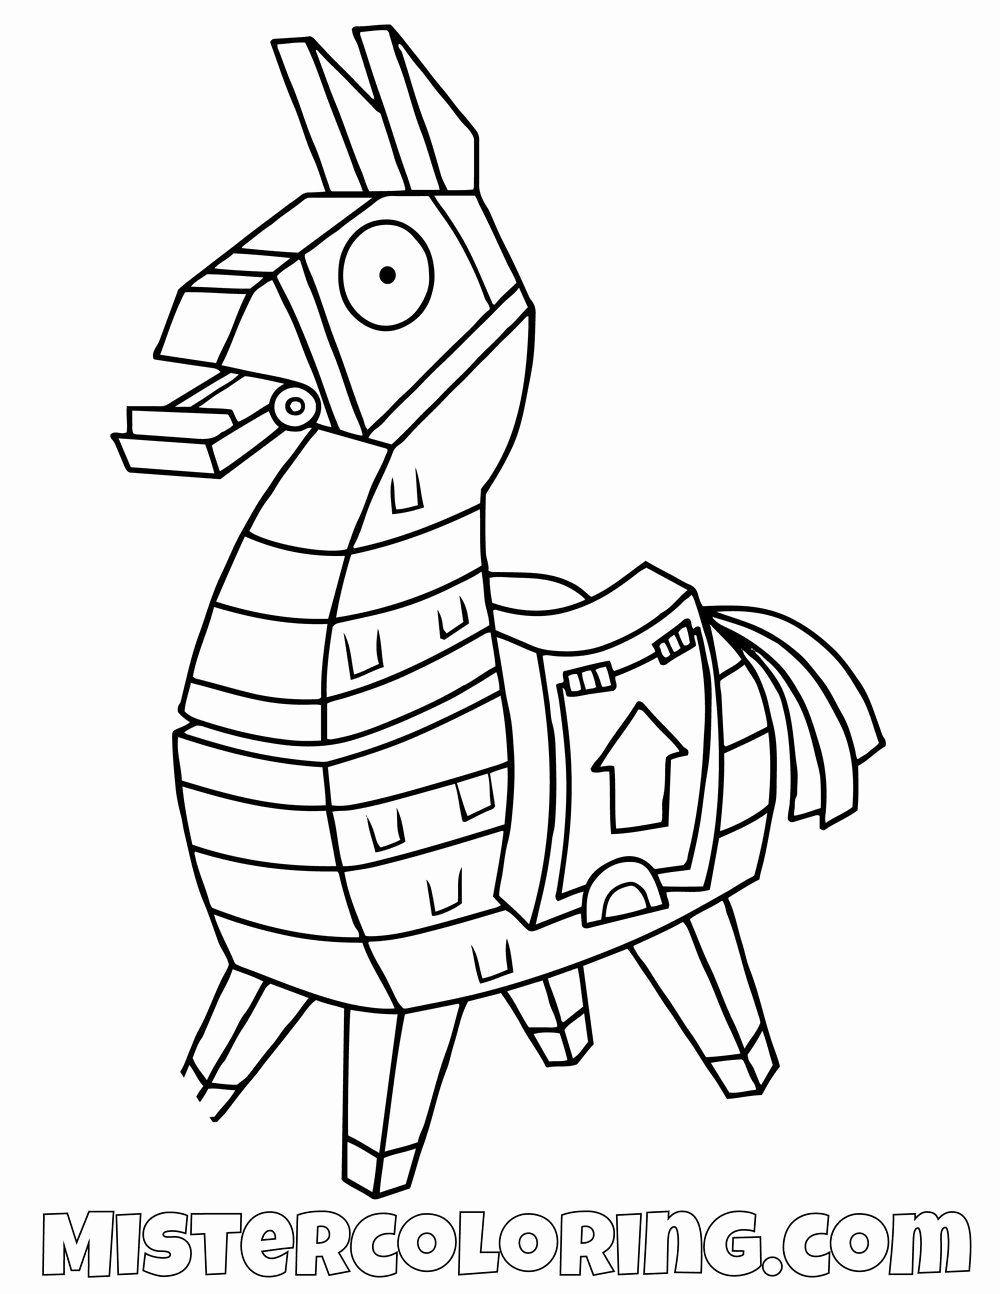 Fortnite Llama Coloring Page Elegant Free Llama Fortnite Coloring Page For Kids In 2019 In 2020 Toy Story Coloring Pages Cool Coloring Pages Coloring Pages